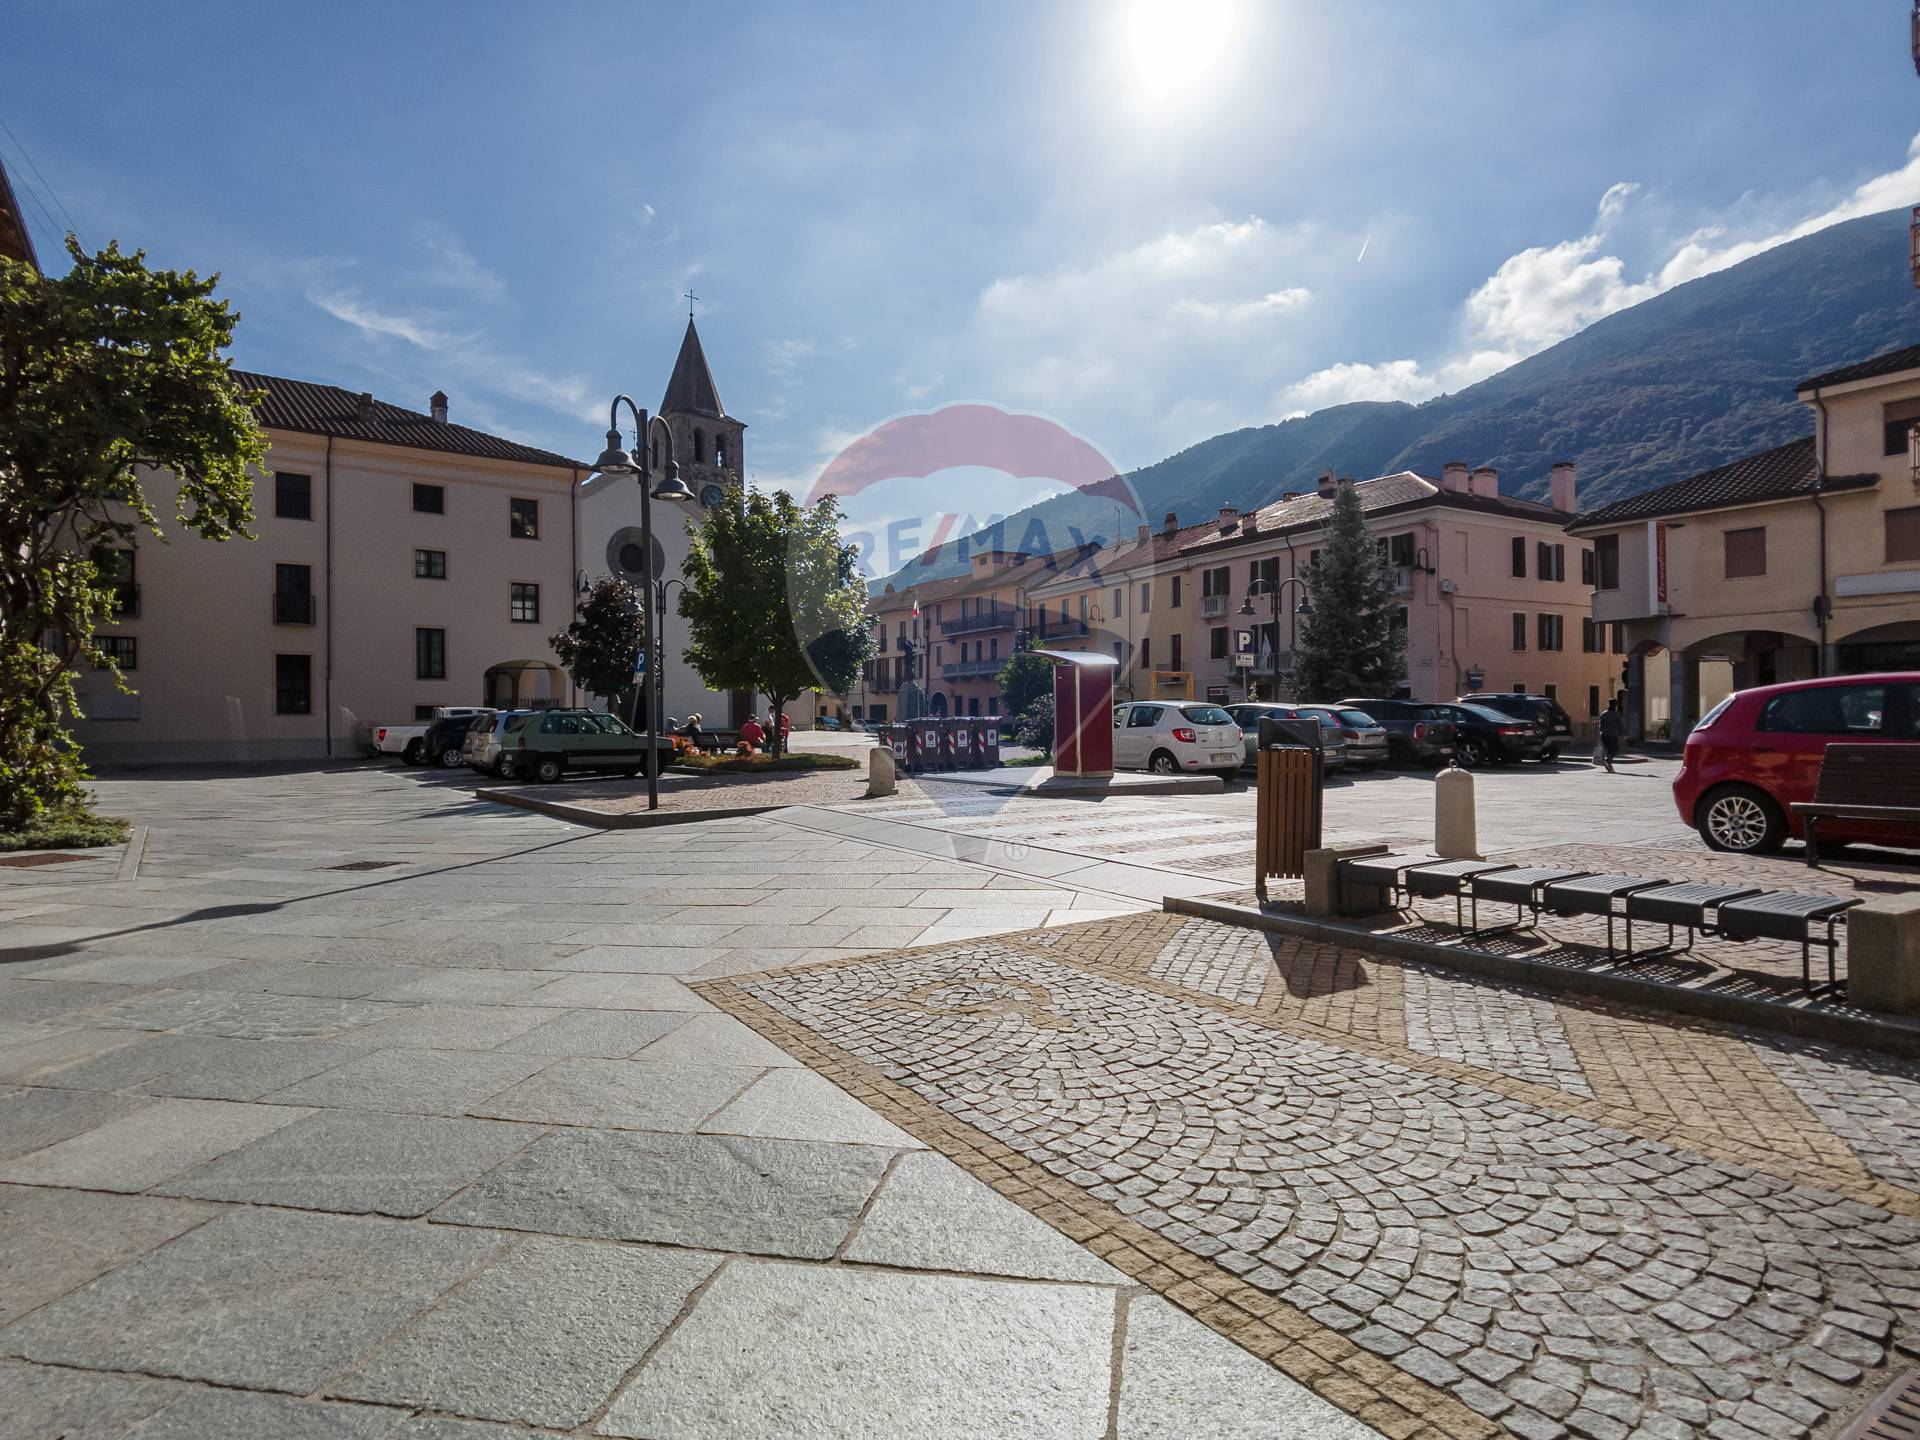 Negozio / Locale in vendita a Sant'Antonino di Susa, 9999 locali, prezzo € 27.900 | CambioCasa.it